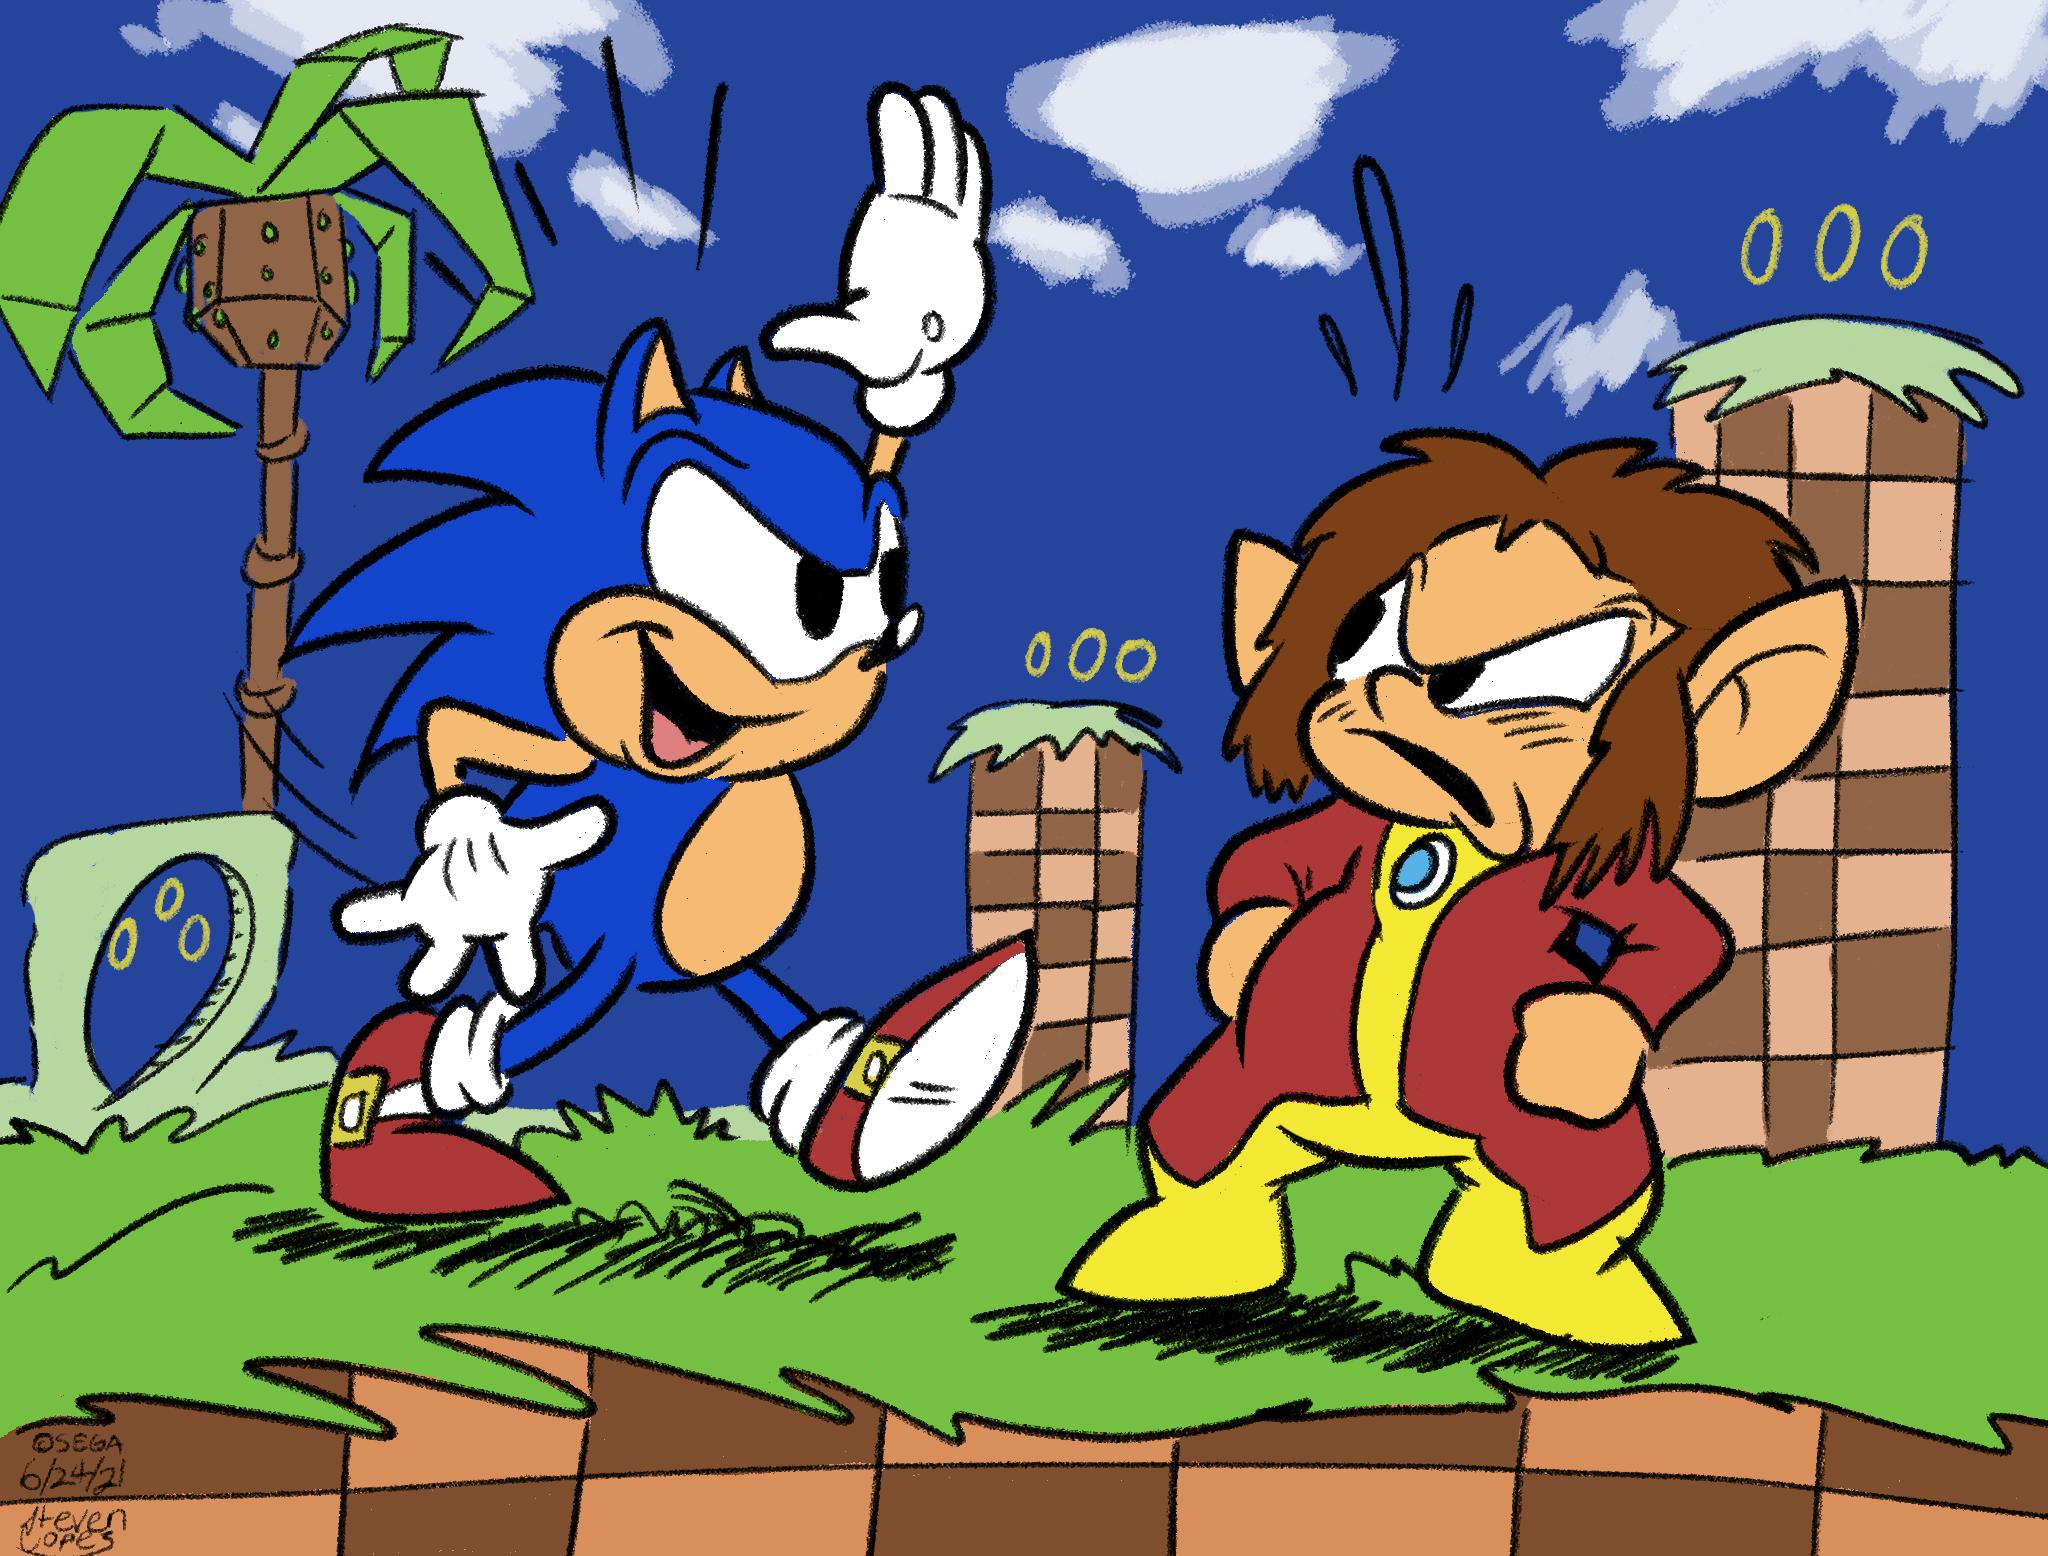 Sonic Meets Alex Kidd